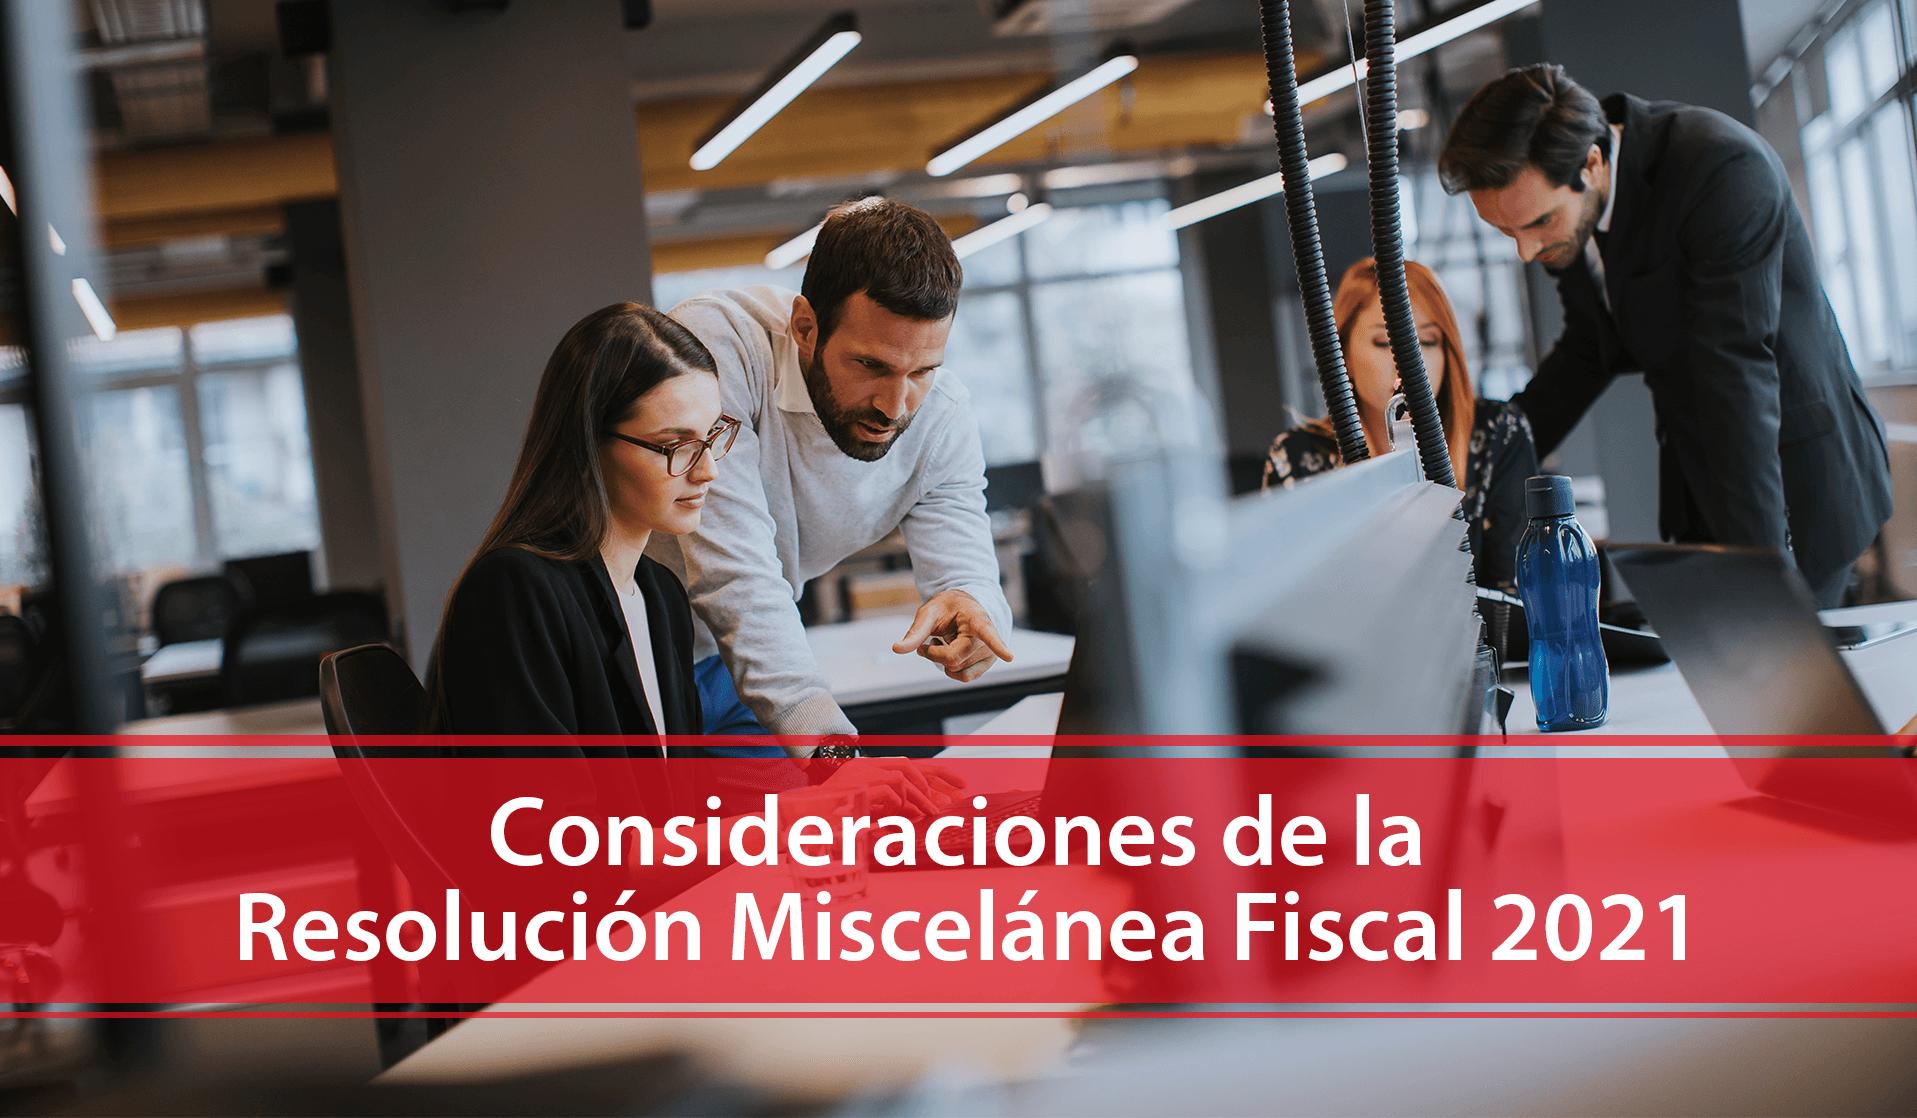 Consideraciones de la Resolución Miscelánea Fiscal 2021